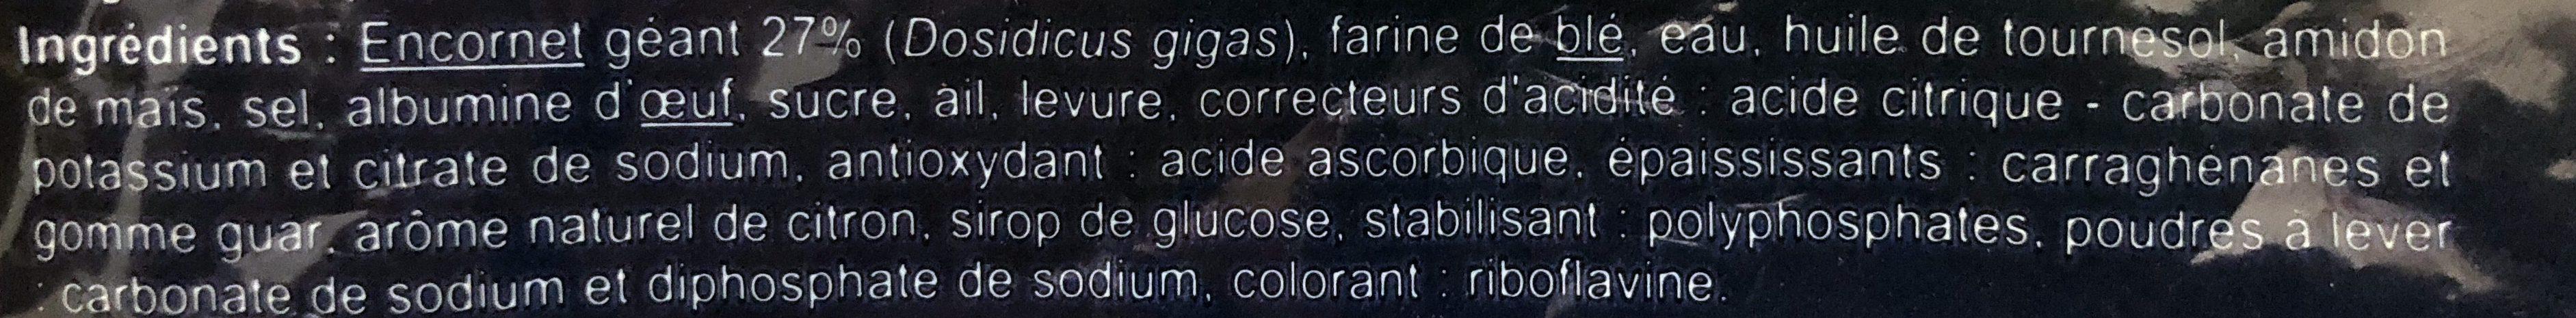 Beignet à la romaine - Ingredientes - fr